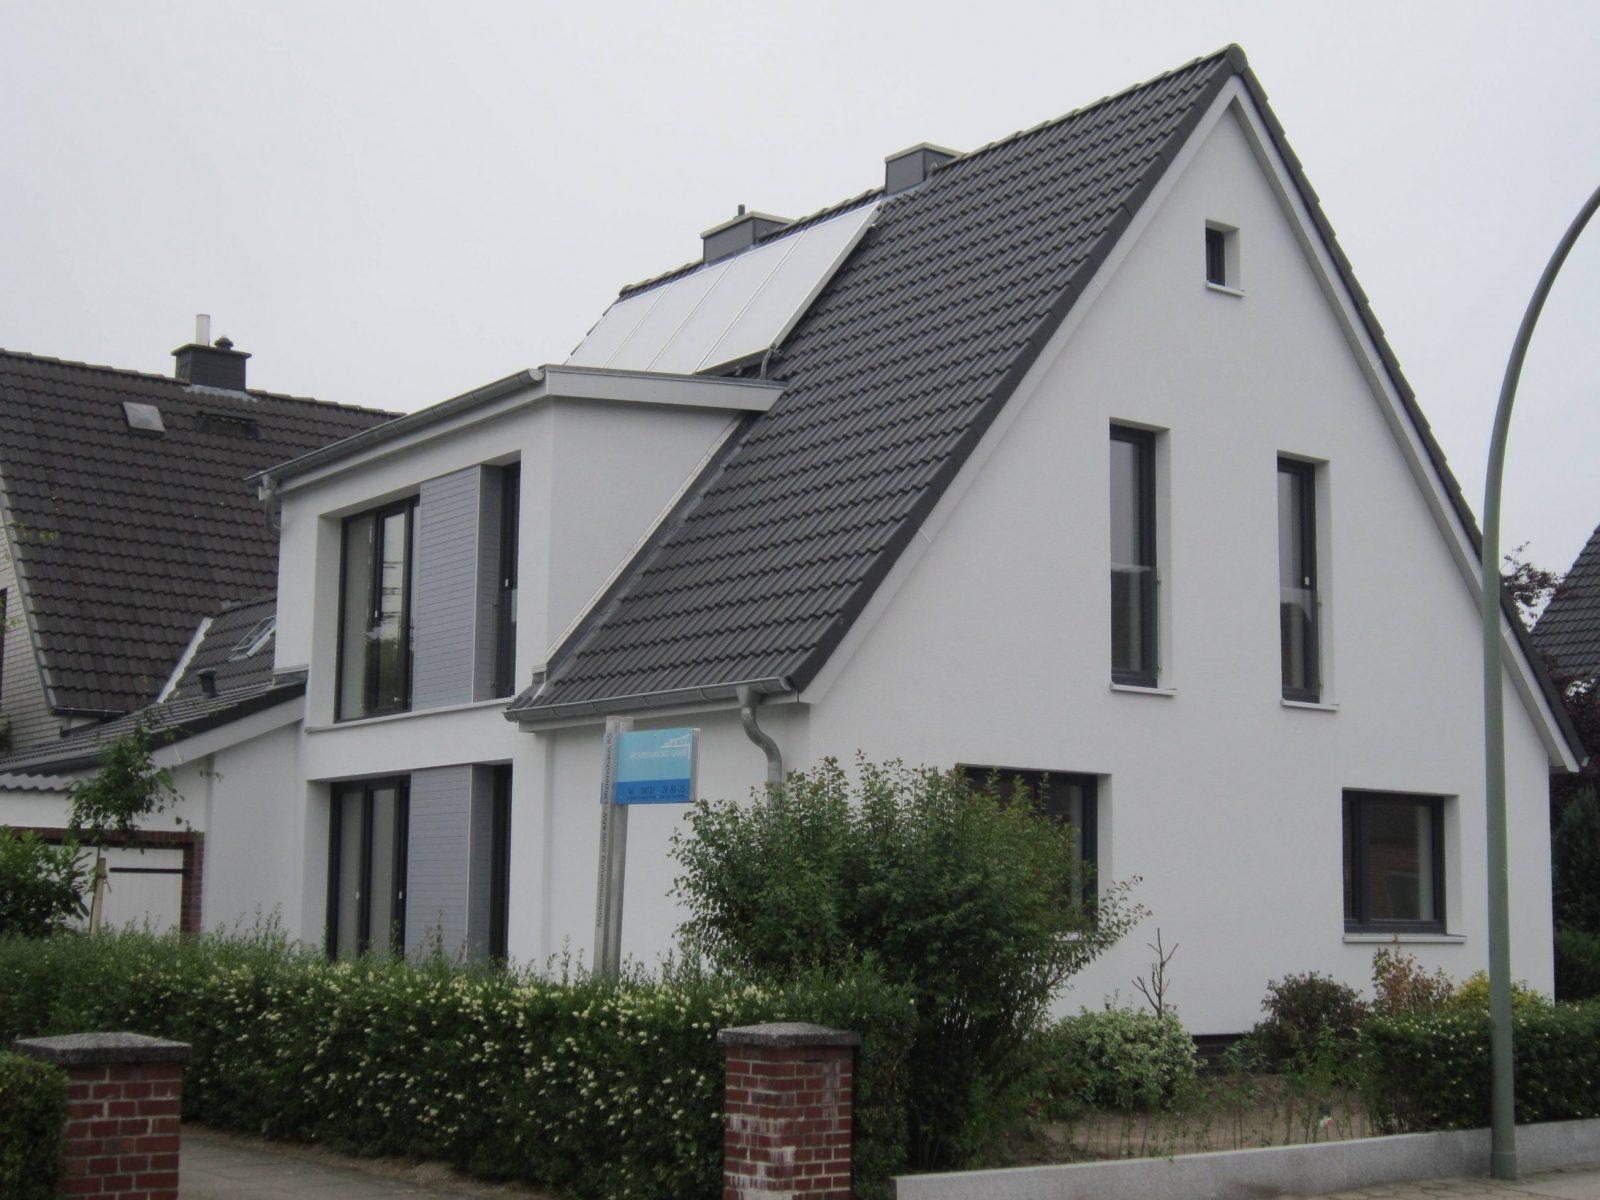 Haus Renovieren Ideen Ziemlich Altes Haus Sanieren Kosten Planen Von von Altes Haus Umbauen Kosten Bild